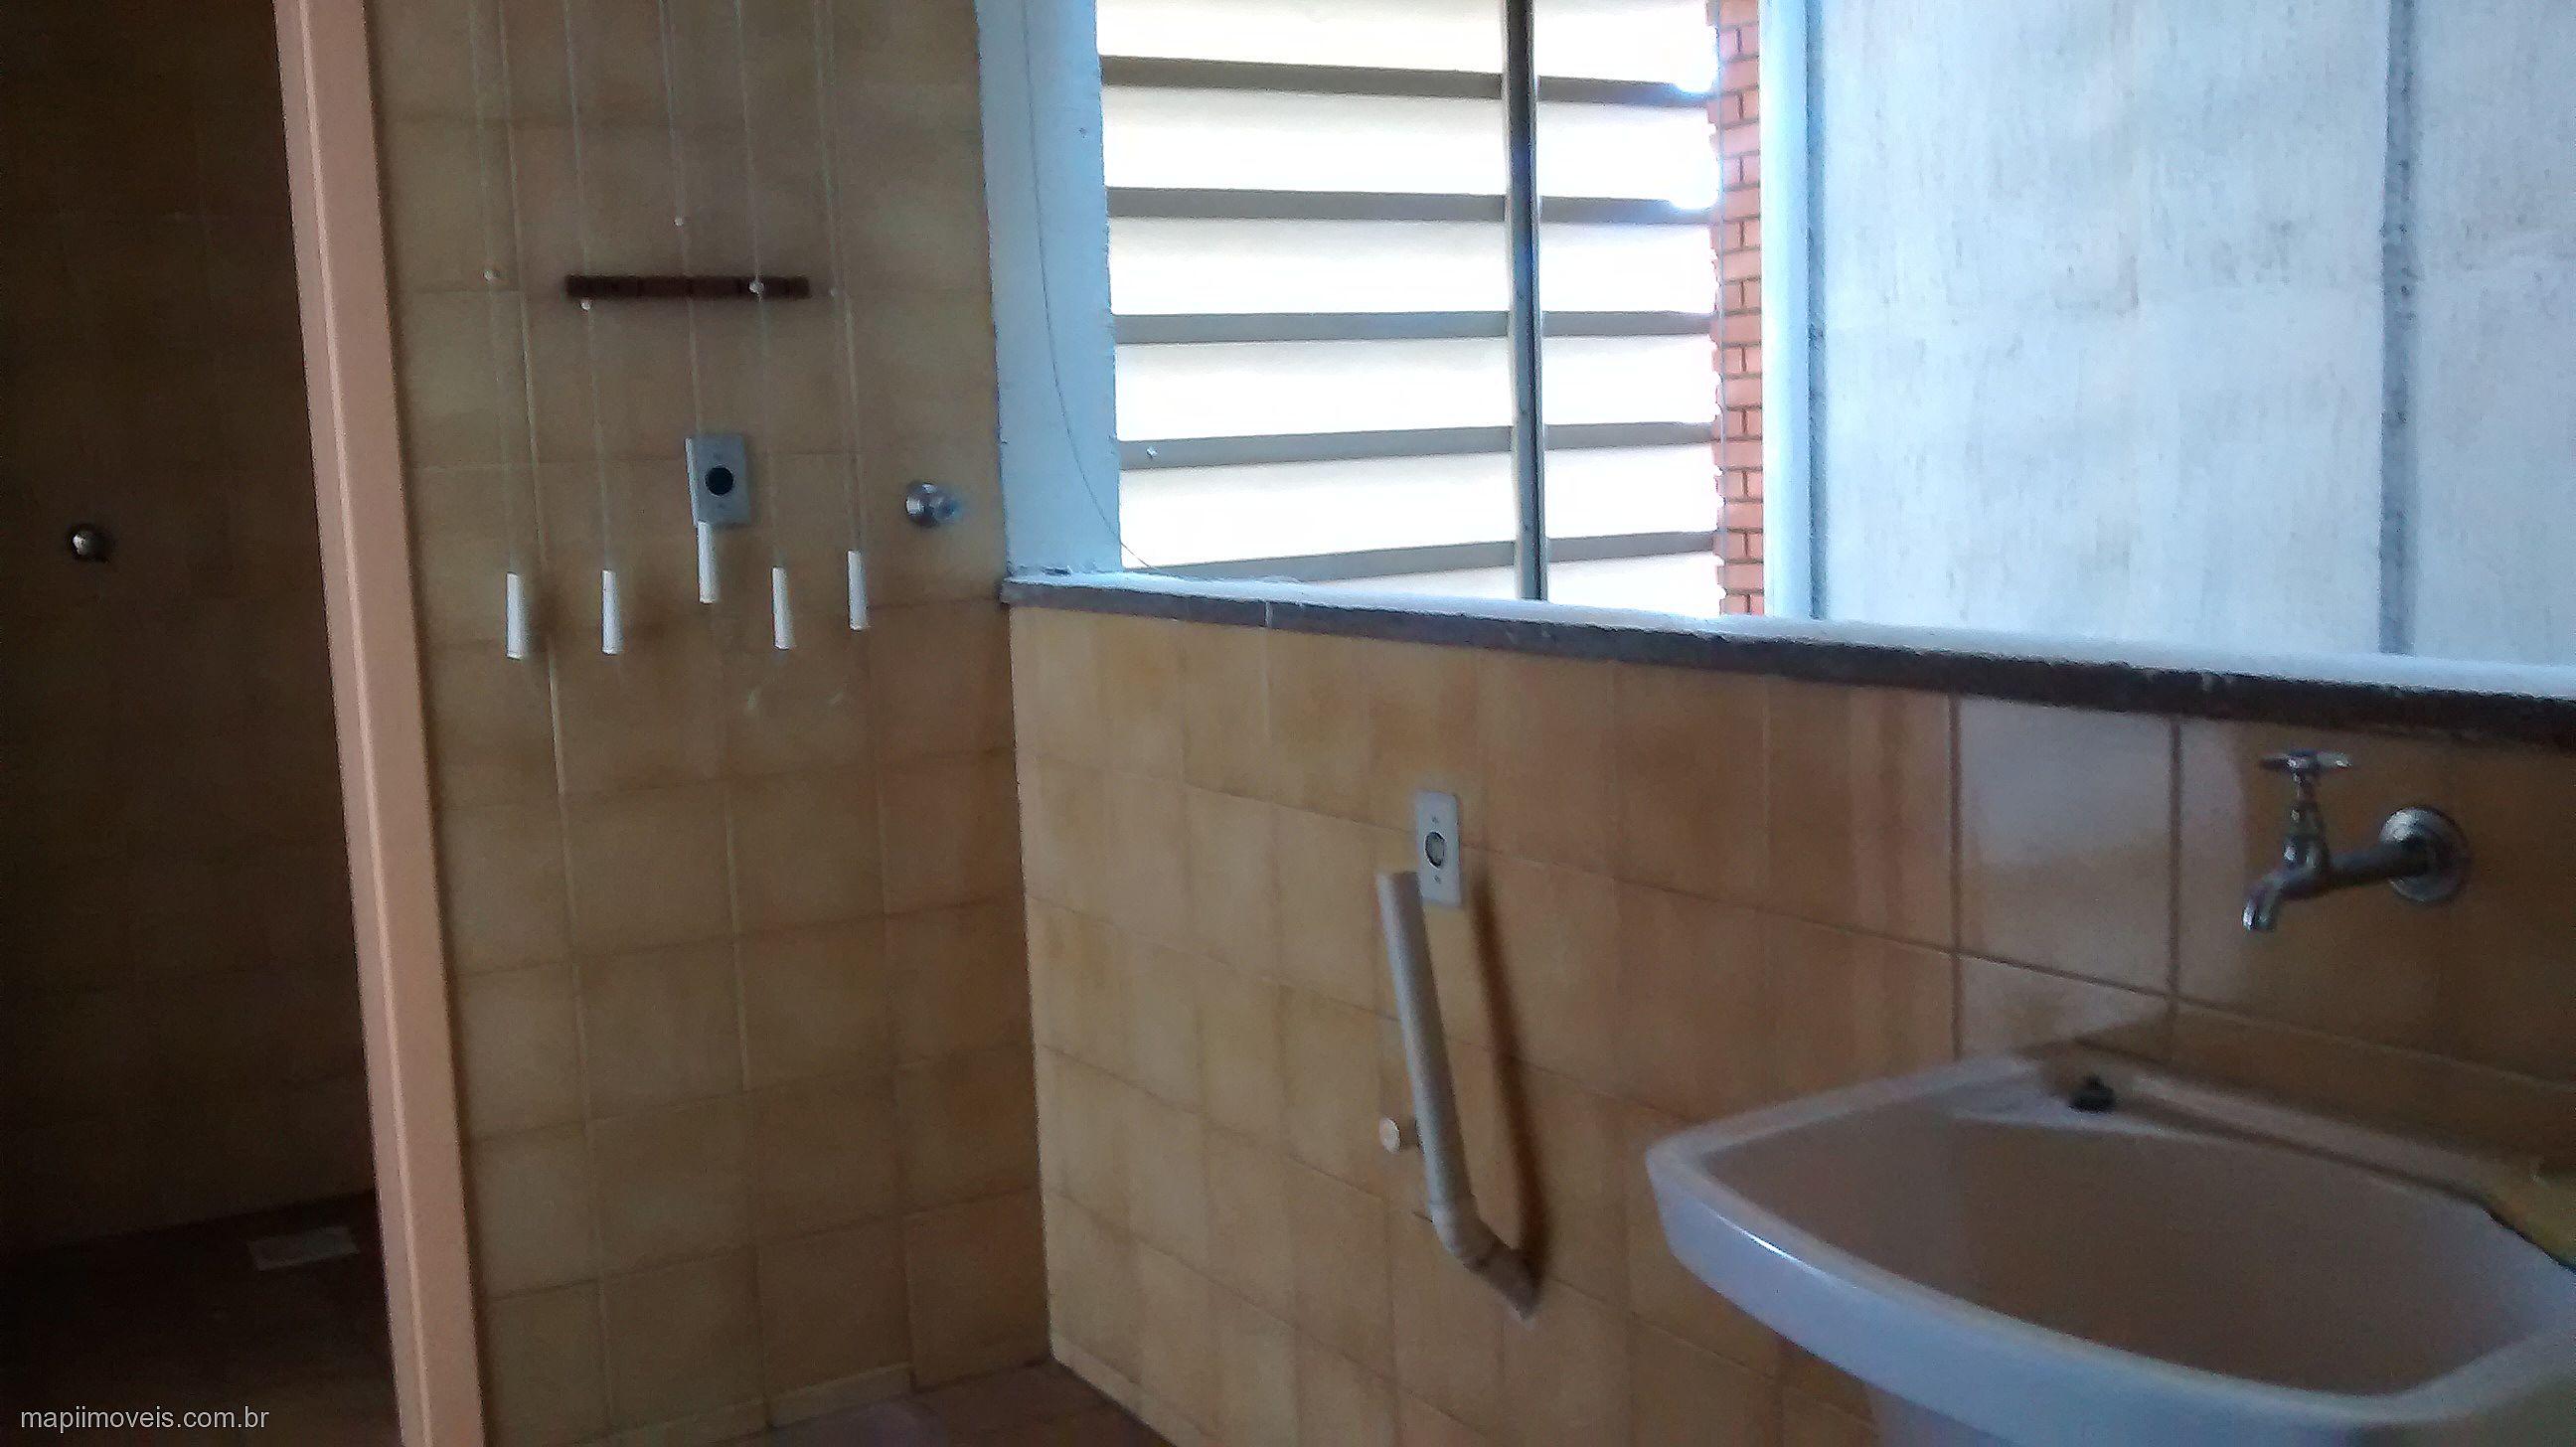 Mapi Imóveis - Apto 2 Dorm, Rio Branco (284762) - Foto 6